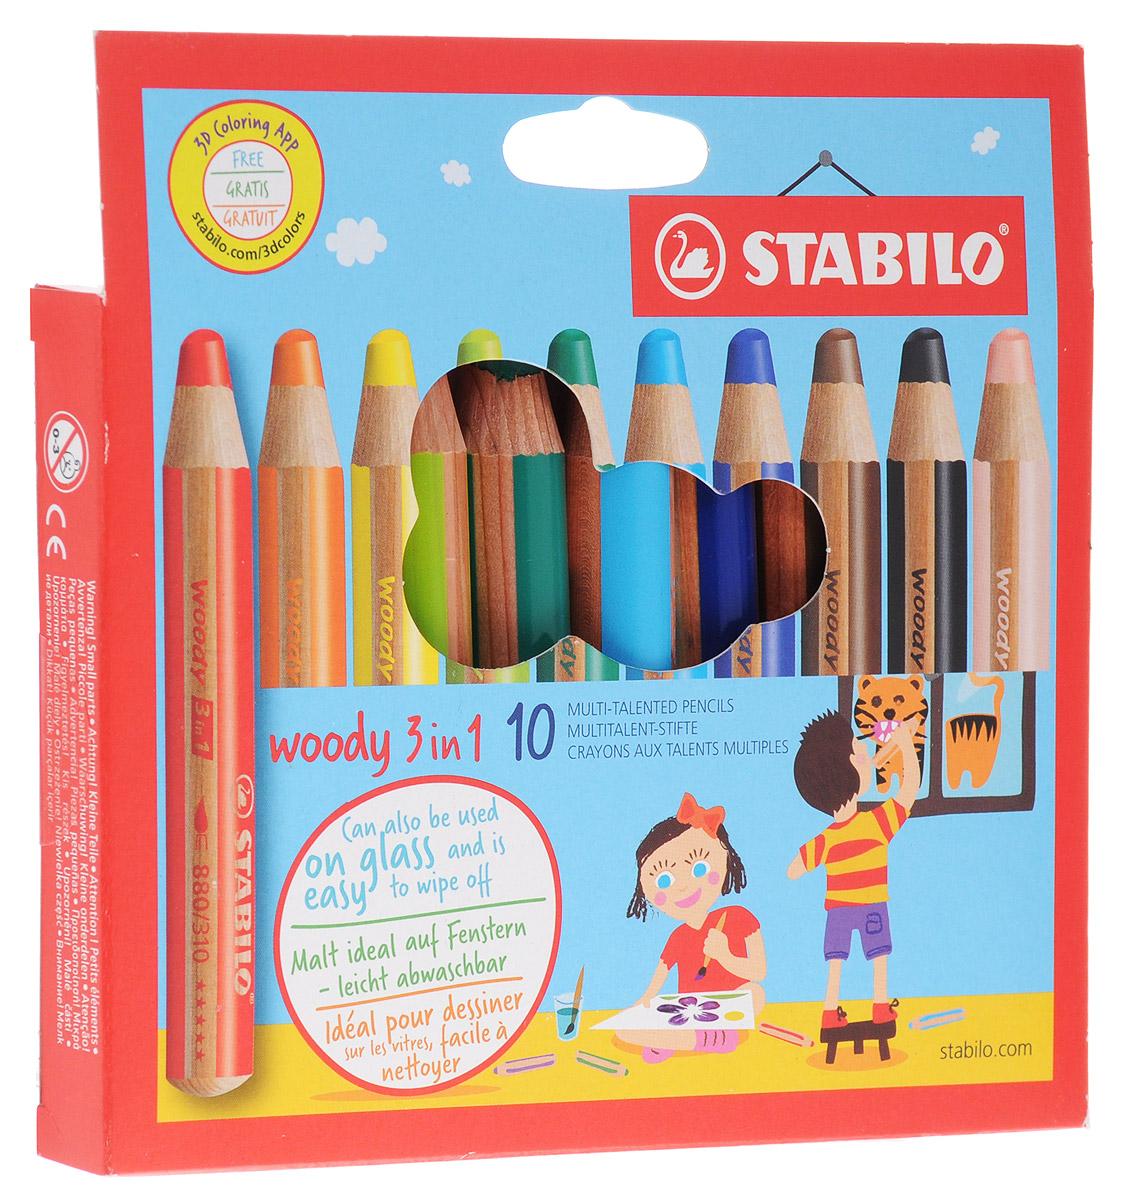 Stabilo Woody Набор цветных карандашей 3-в-1 10 цветов72523WDСупертолстый цветной карандаш, акварель и восковой мелок в одном. Это уникальные карандаши, сочетающие в себе возможности цветных карандашей, акварельных красок и восковых мелков. Пишут практически на всех гладких поверхностях, включая стекло! Обеспечивают великолепный результат на темной бумаге благодаря исключительной яркости и интенсивности цвета. Великолепные акварельные качества. Очень прочный грифель диаметром 10 мм для мягких штрихов. Цвет корпуса карандаша соответствует цвету грифеля. Набор из 10 карандашей.